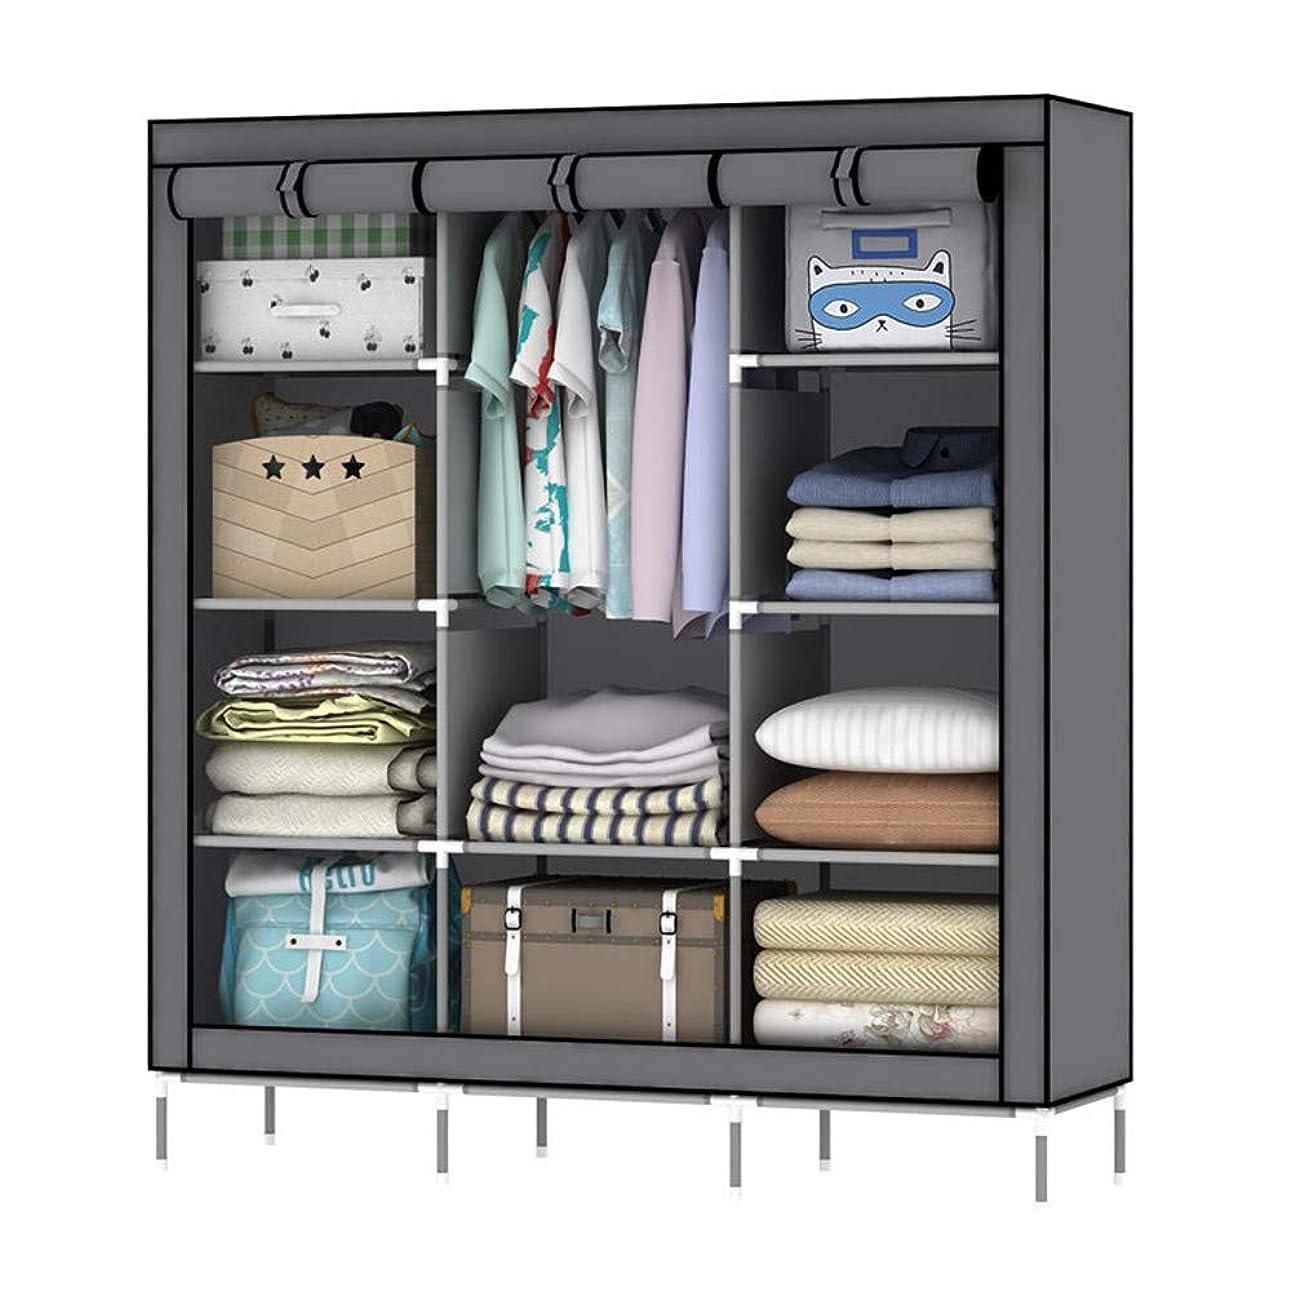 同級生自我パントリーシンプルなワードローブ ワードローブ不織布ワードローブポータブル寝室家具折りたたみ布収納収納ボックス リビングルームの寝室に適しています (色 : グレー)